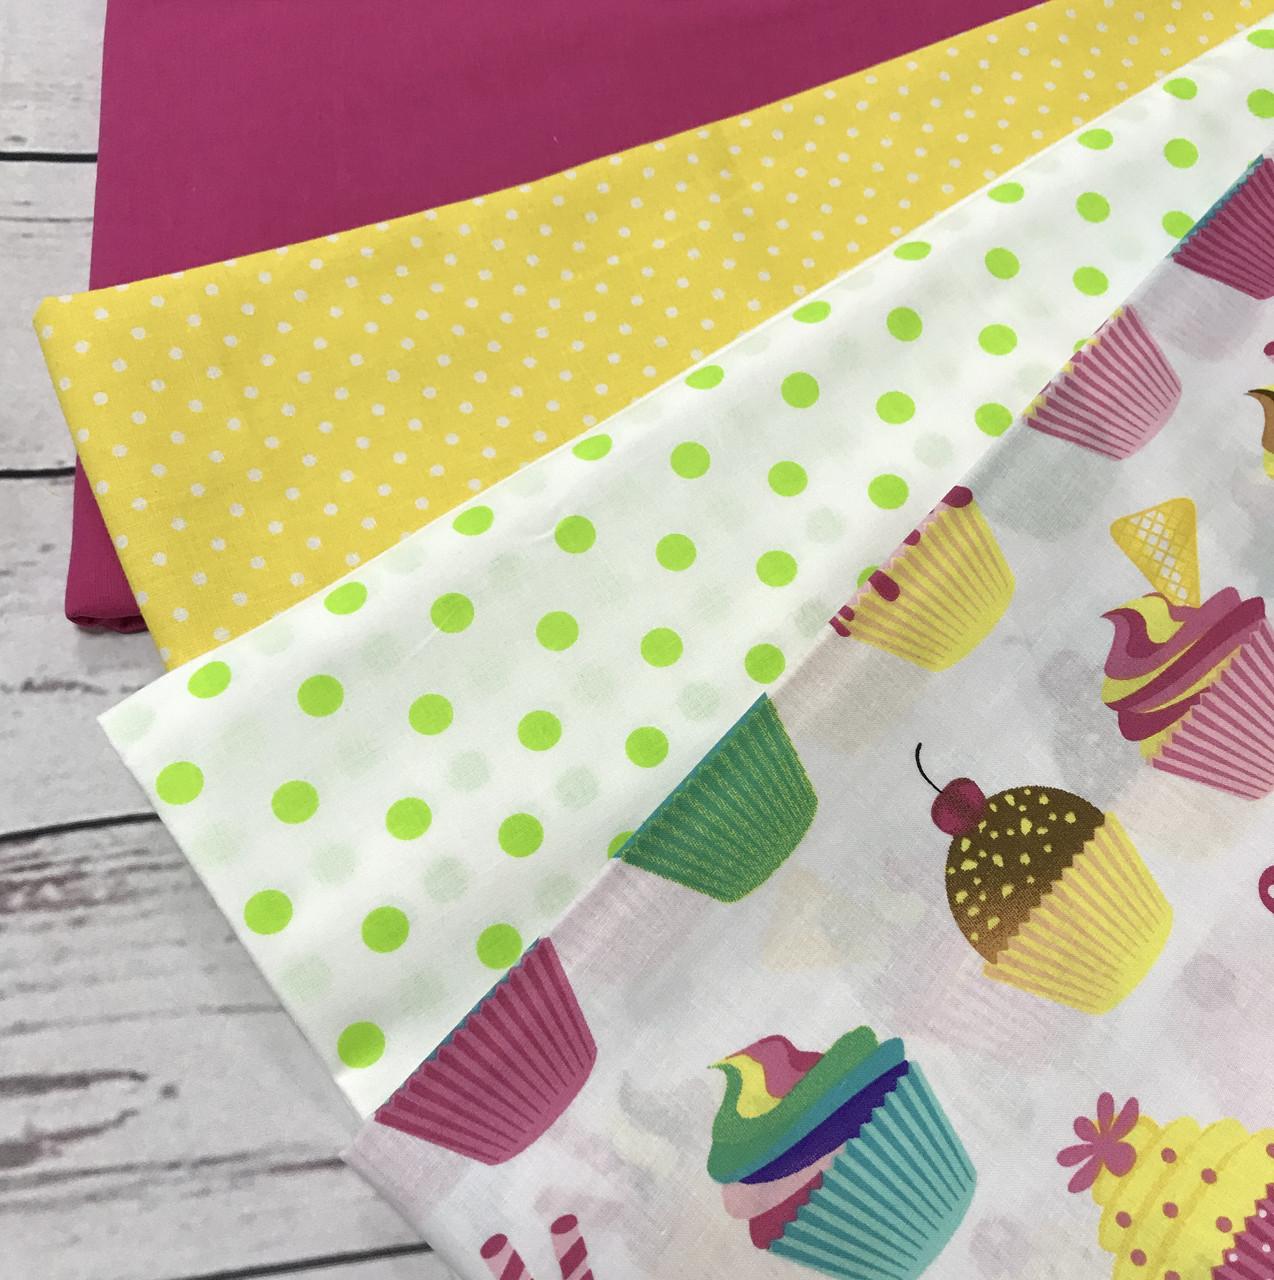 Бавовняна тканина польська (тканини компаньйони тільки для прикладу, не для замовлення)